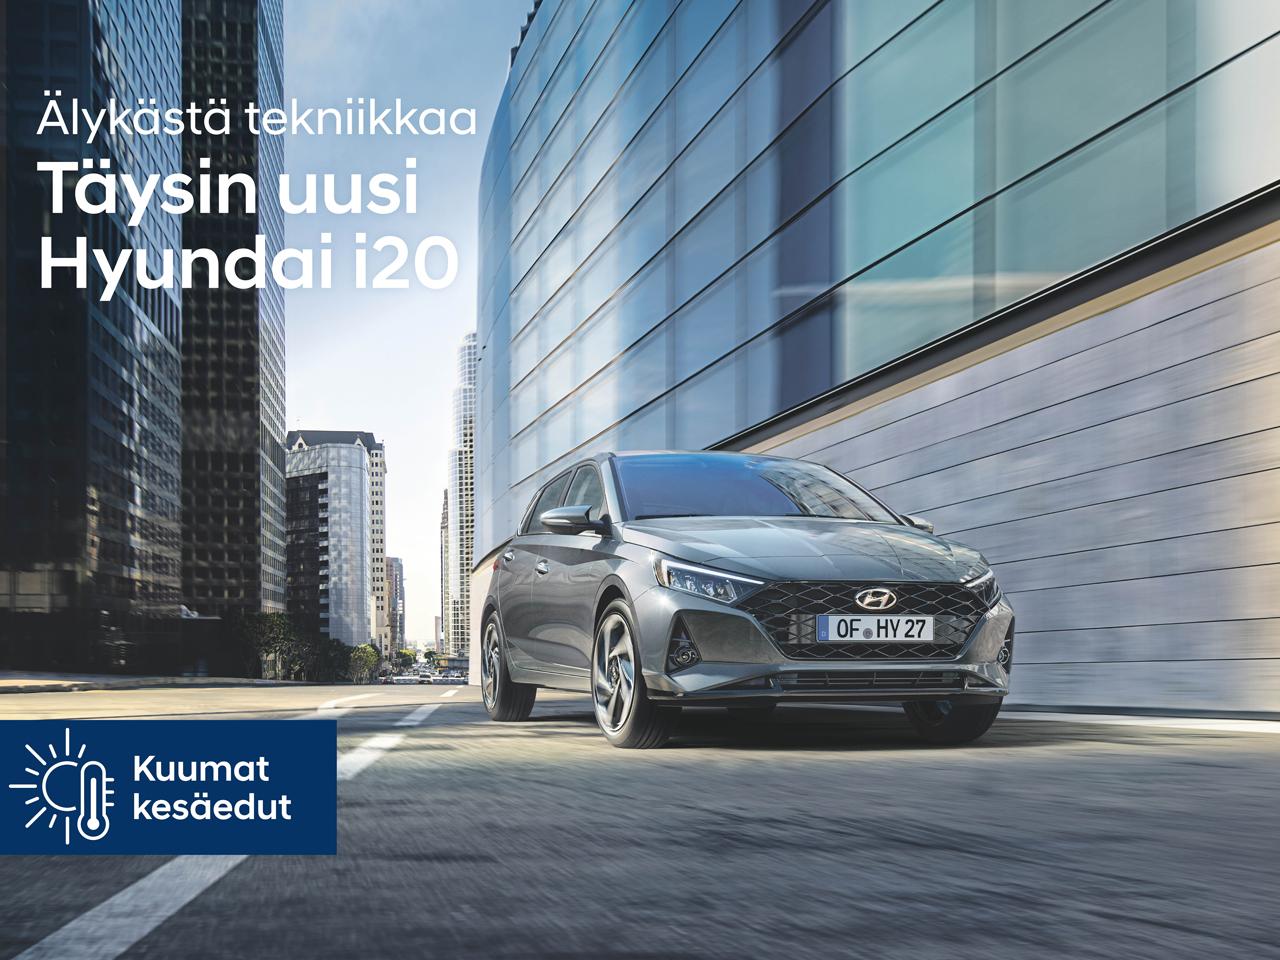 Hyundai i20: tehdaslisävarusteet puoleen hintaan